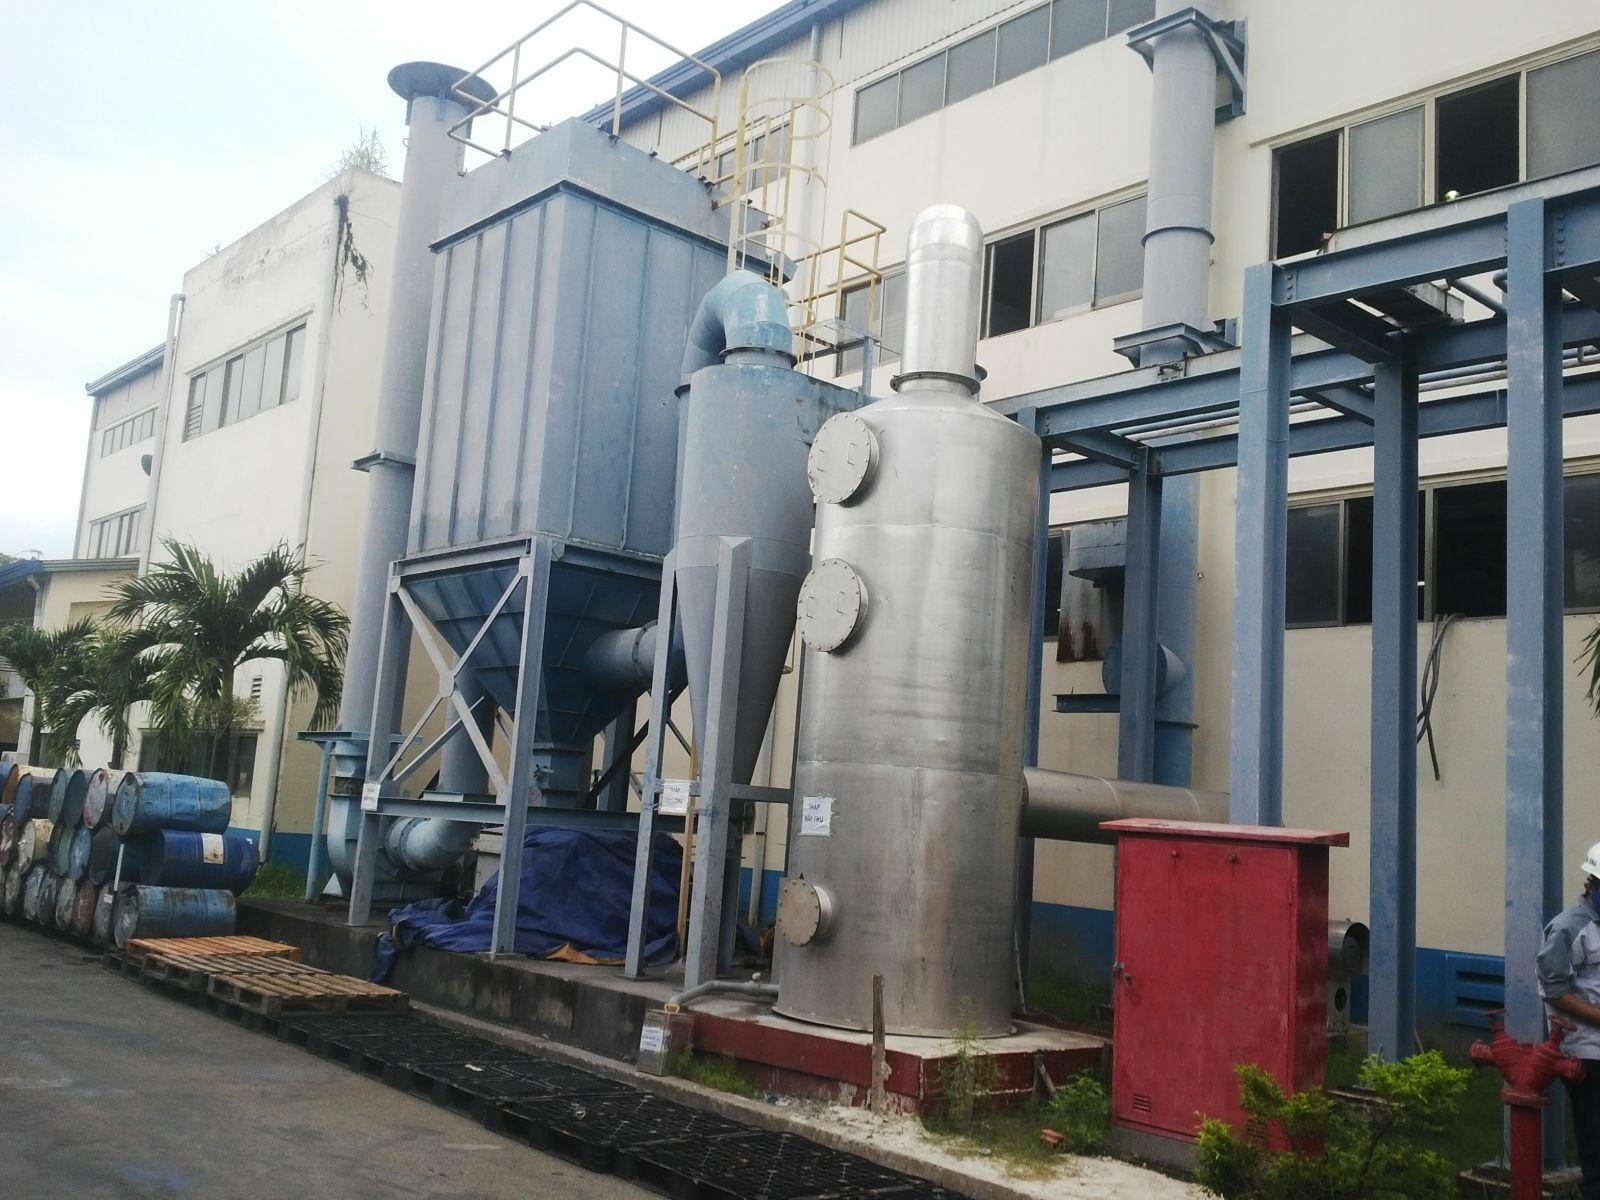 Khắc phục ô nhiễm tại các khu công nghiệp và những động cơ Bonfiglioli trong ngành xử lý môi trường